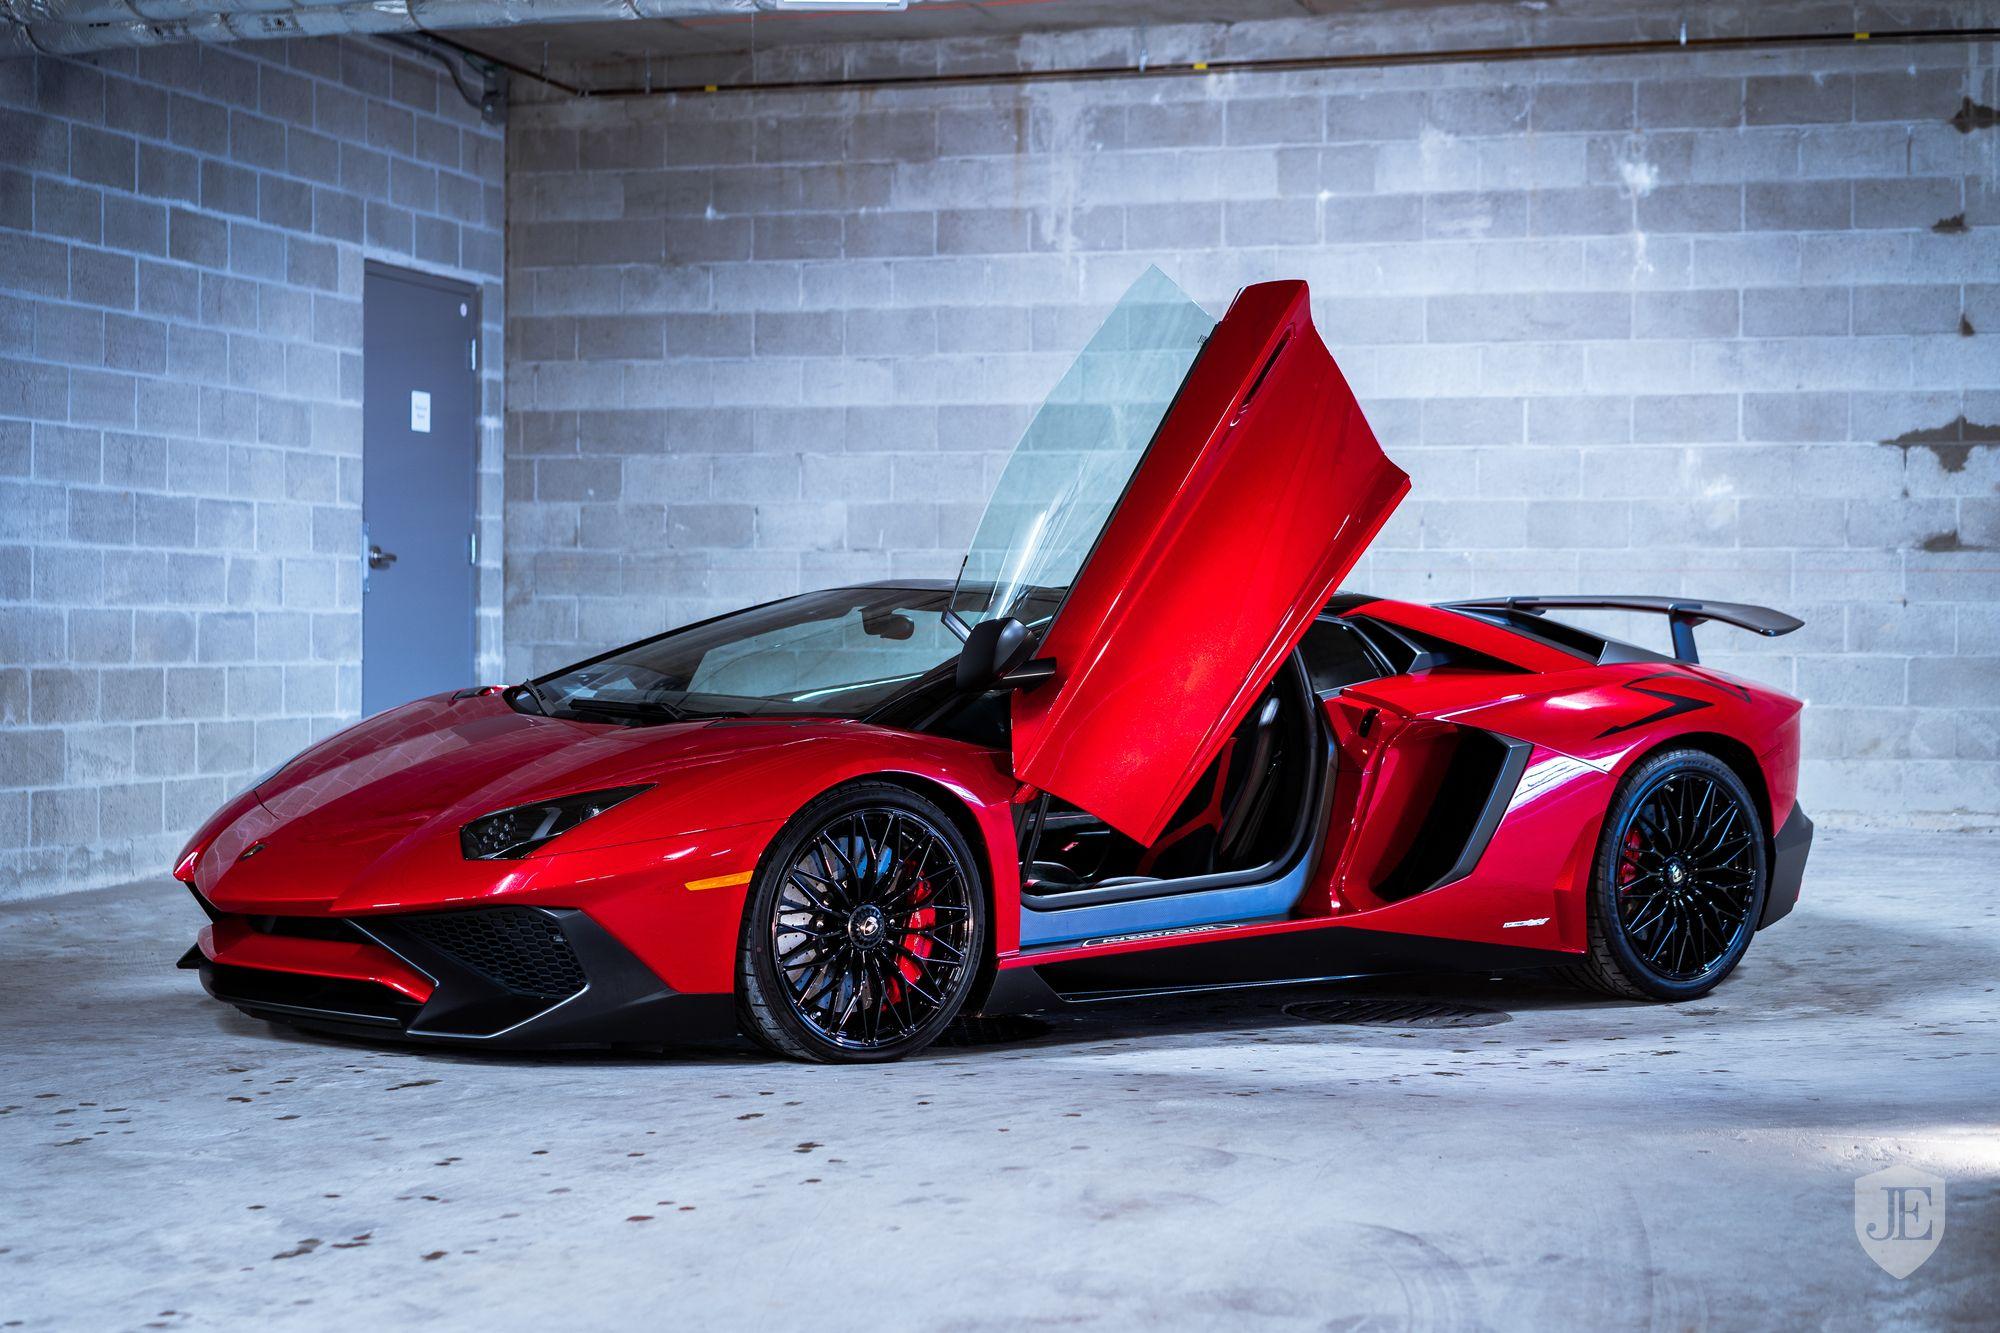 2017 Lamborghini Aventador Sv In North Vancouver Canada For Sale